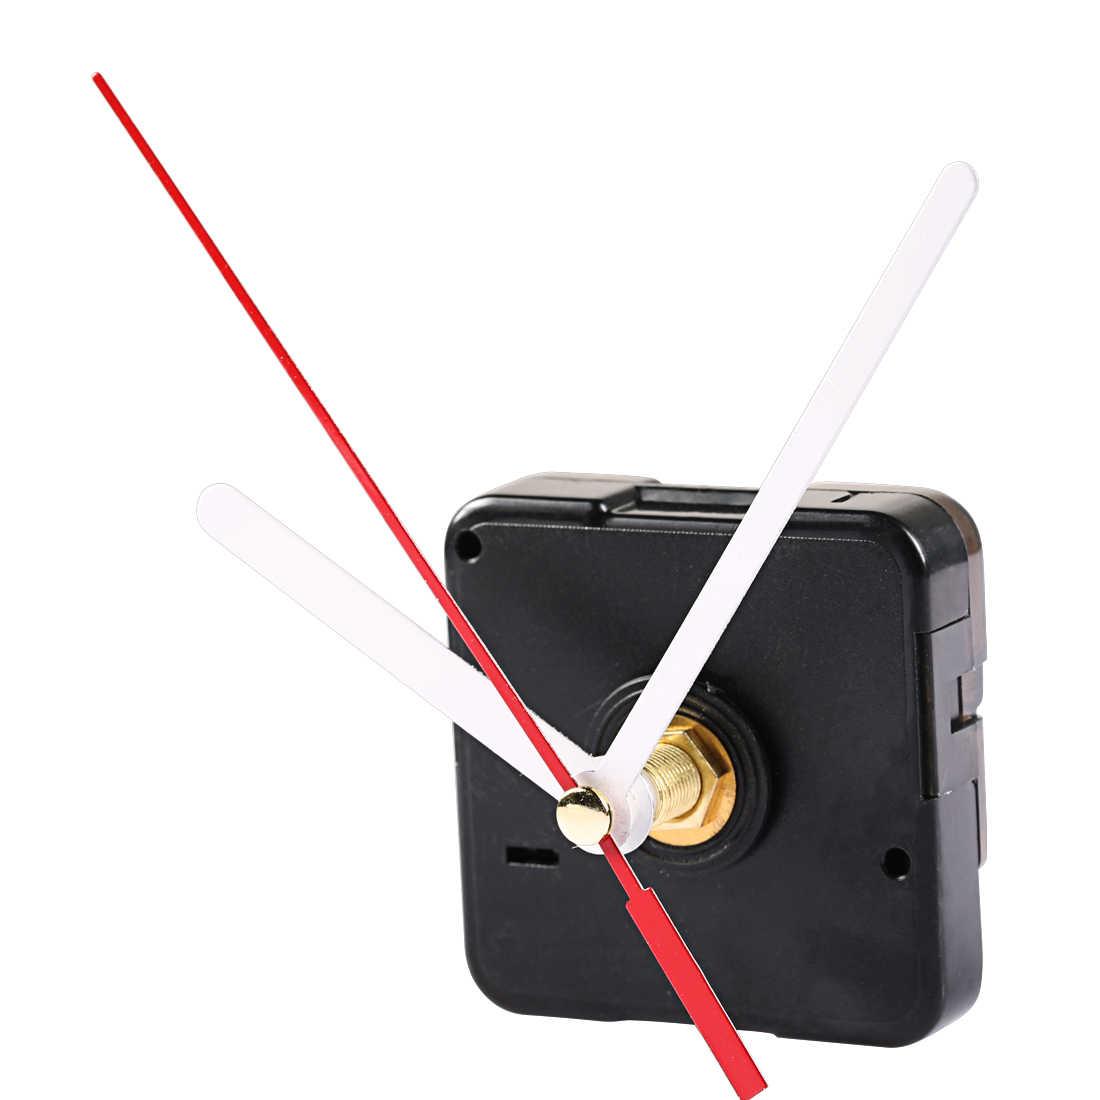 Duvar saati hareketi mekanizması parçaları onarım yedek temel araçları diy saat mekanizması asılı siyah quartz saat